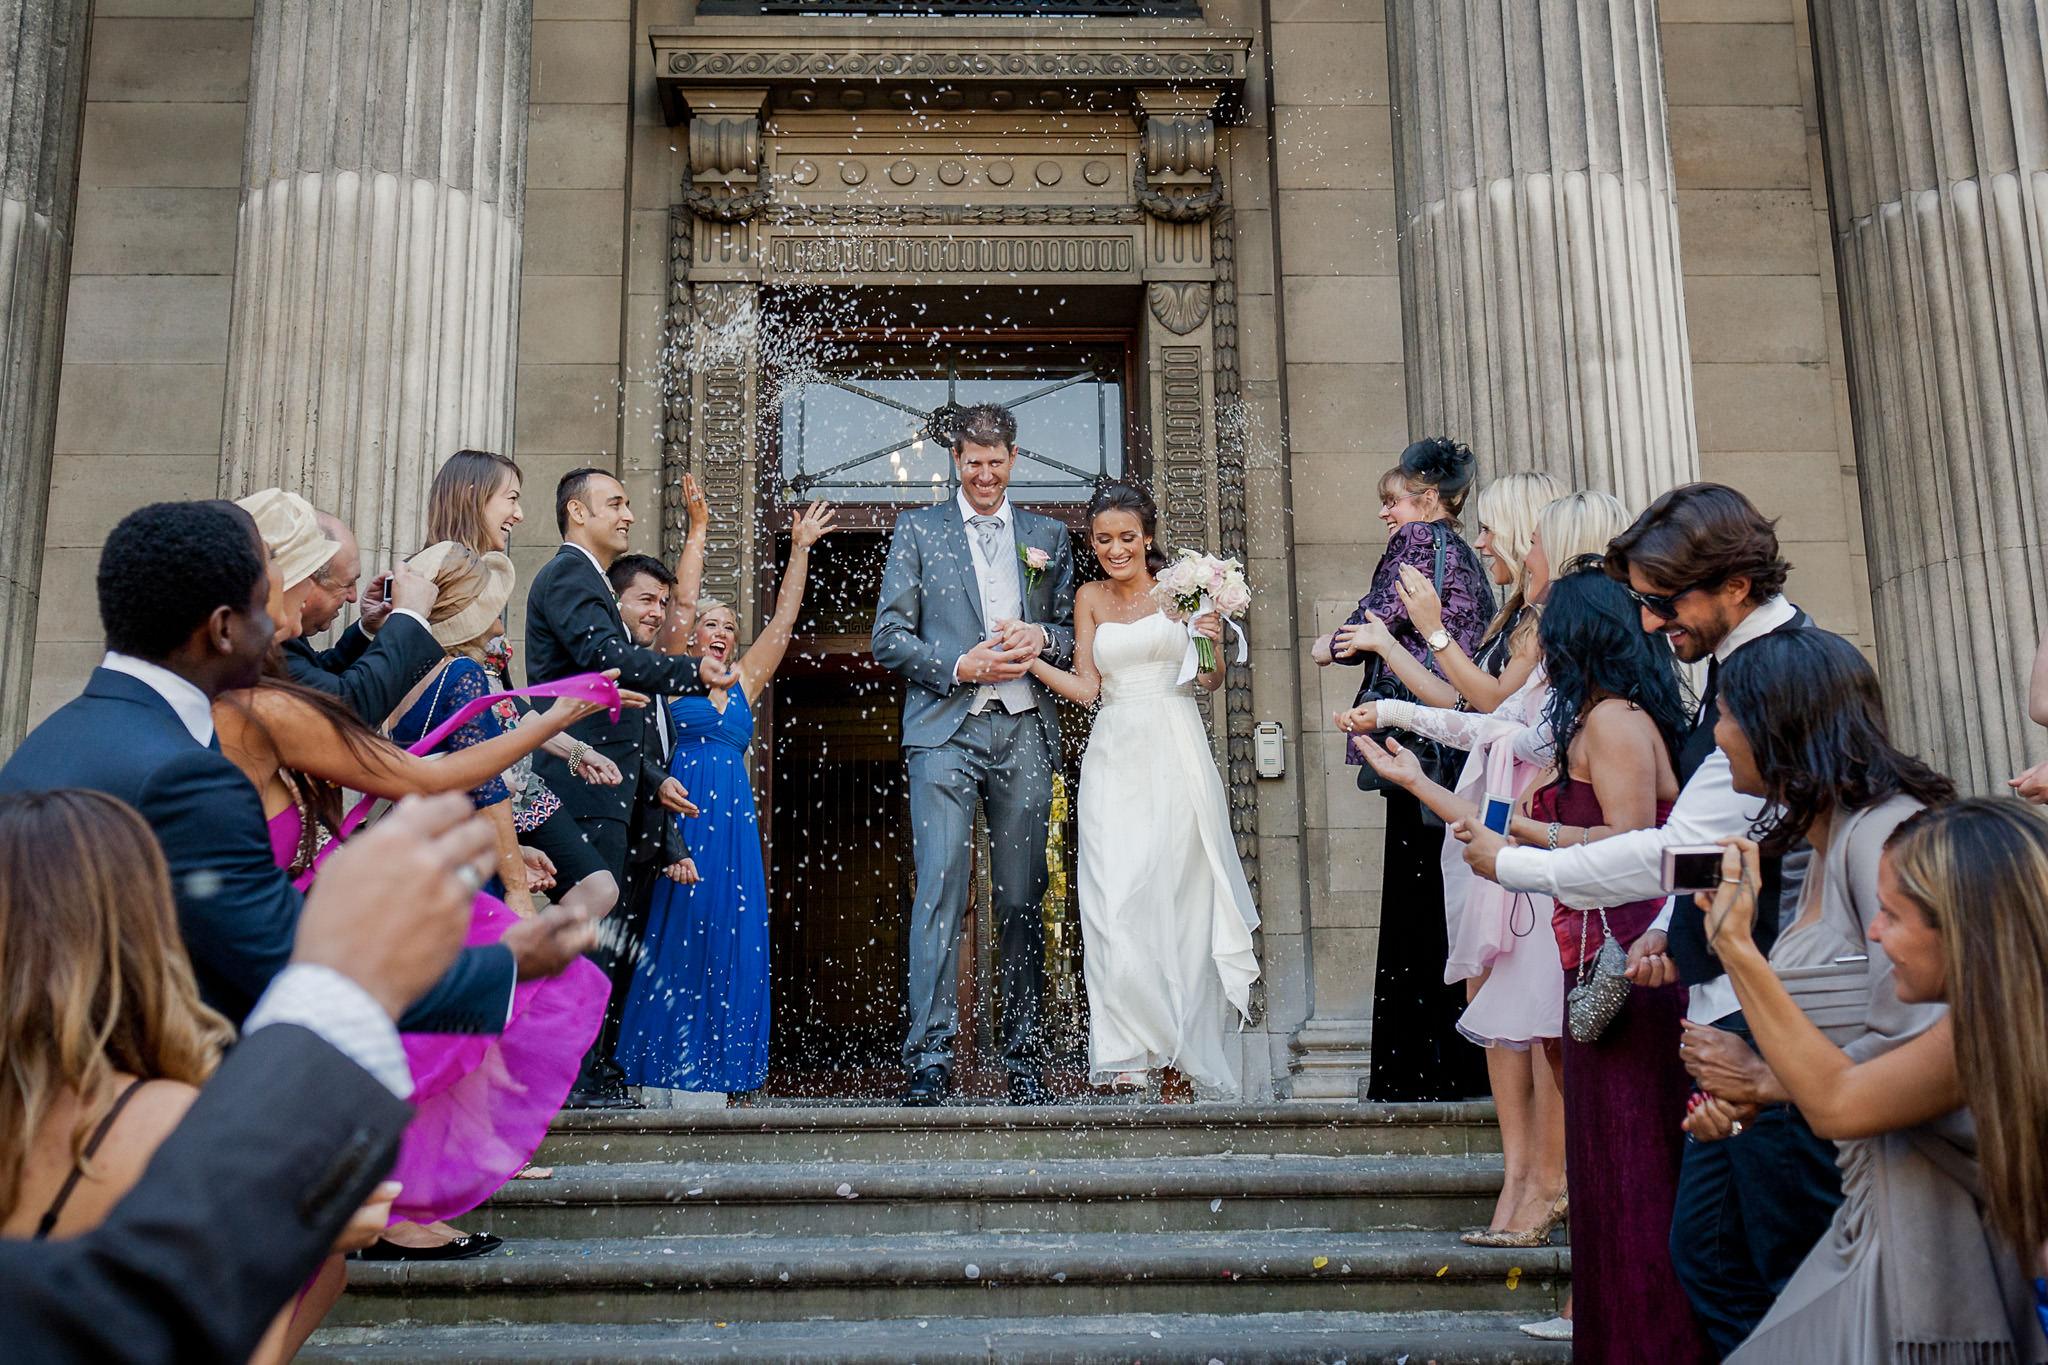 Old Marylebone Town Hall wedding confetti shot